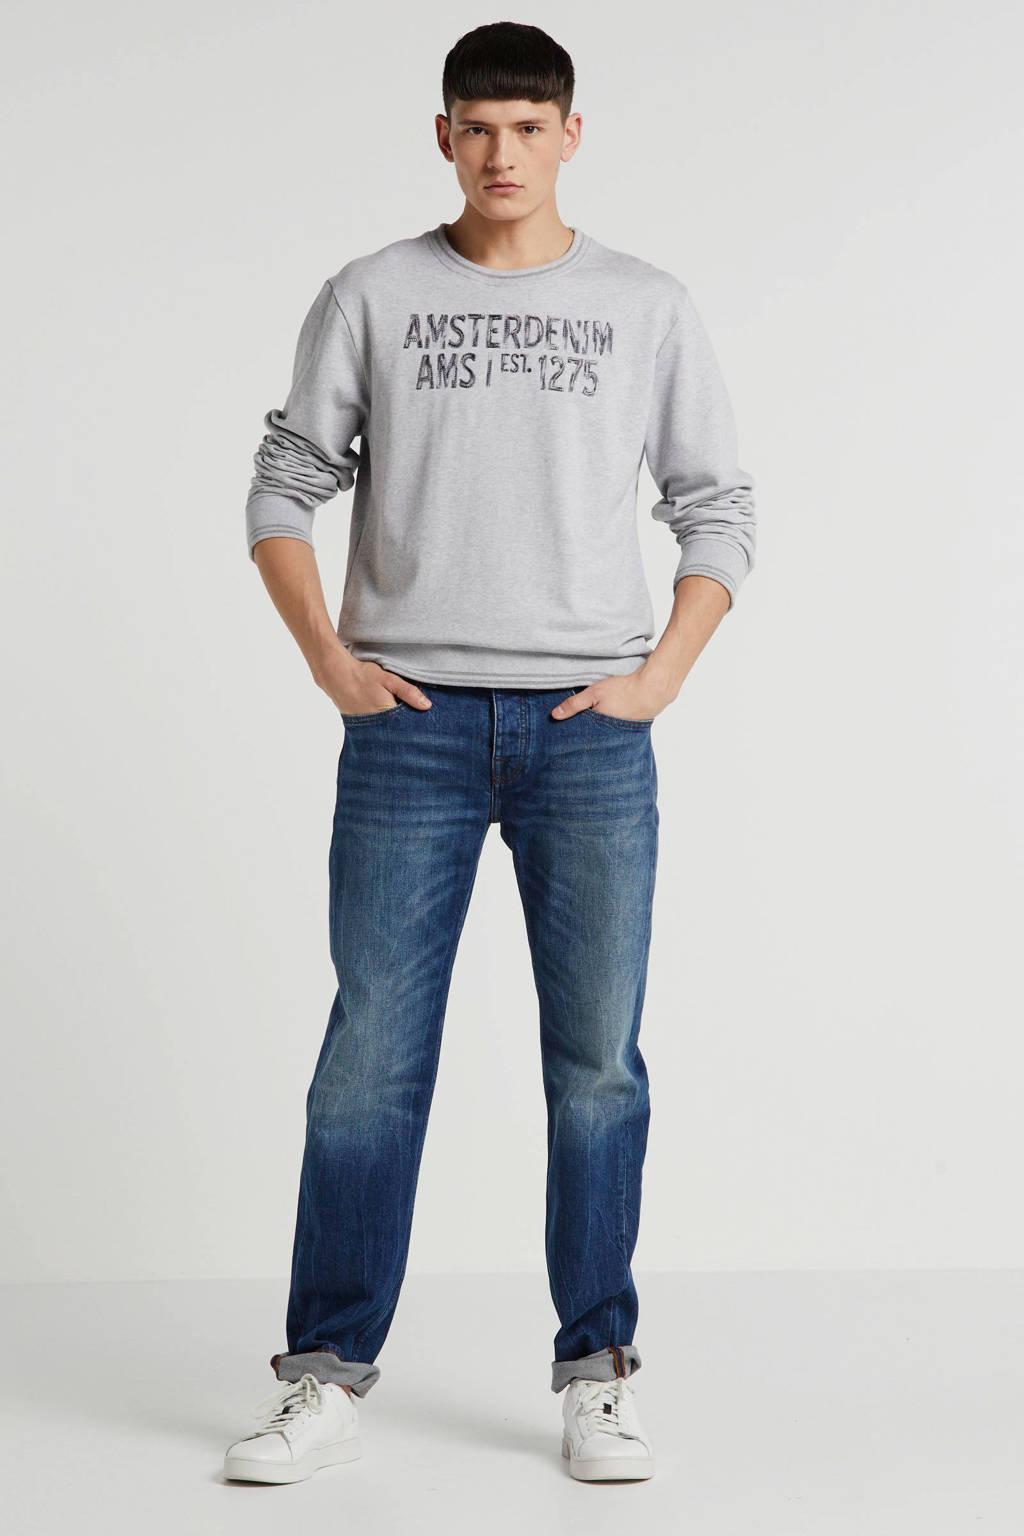 Amsterdenim slim fit jeans Klaas 5 year wash, 5 Year Wash